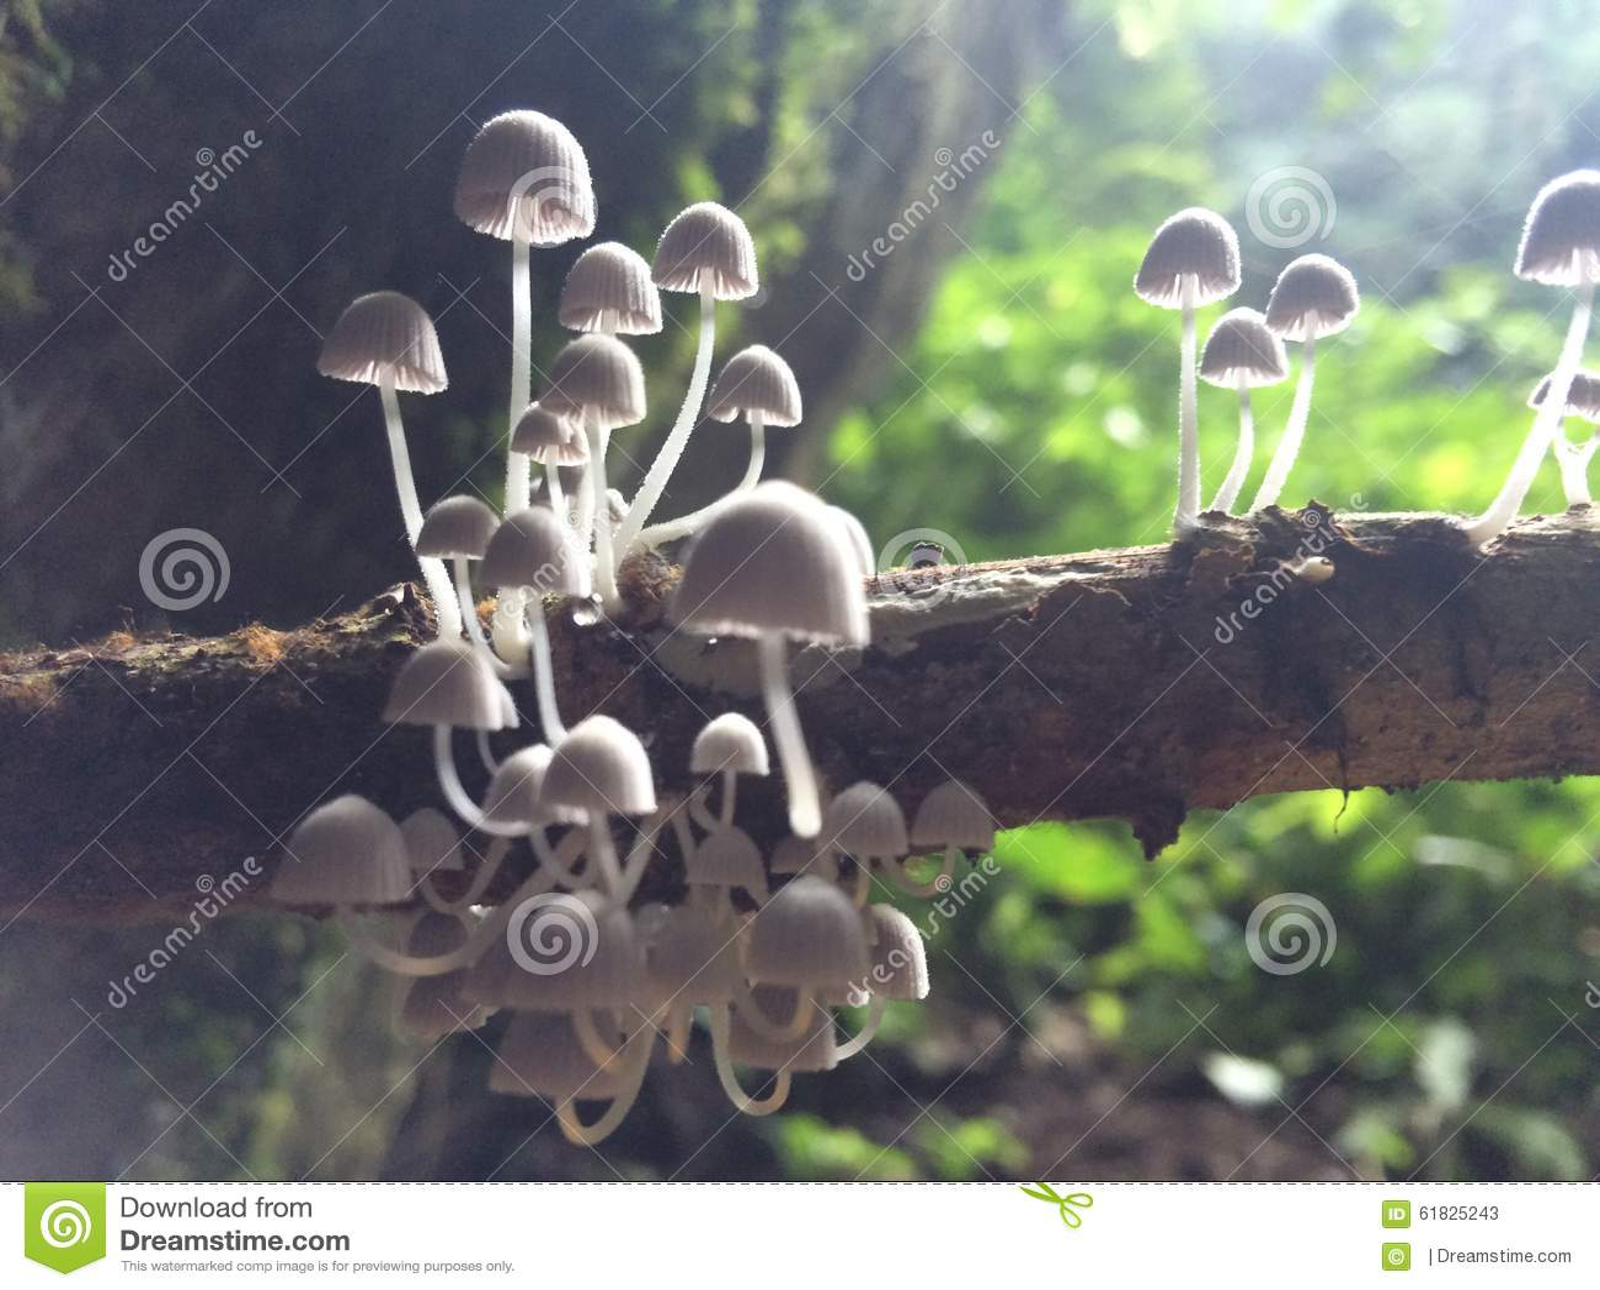 White mushrooms